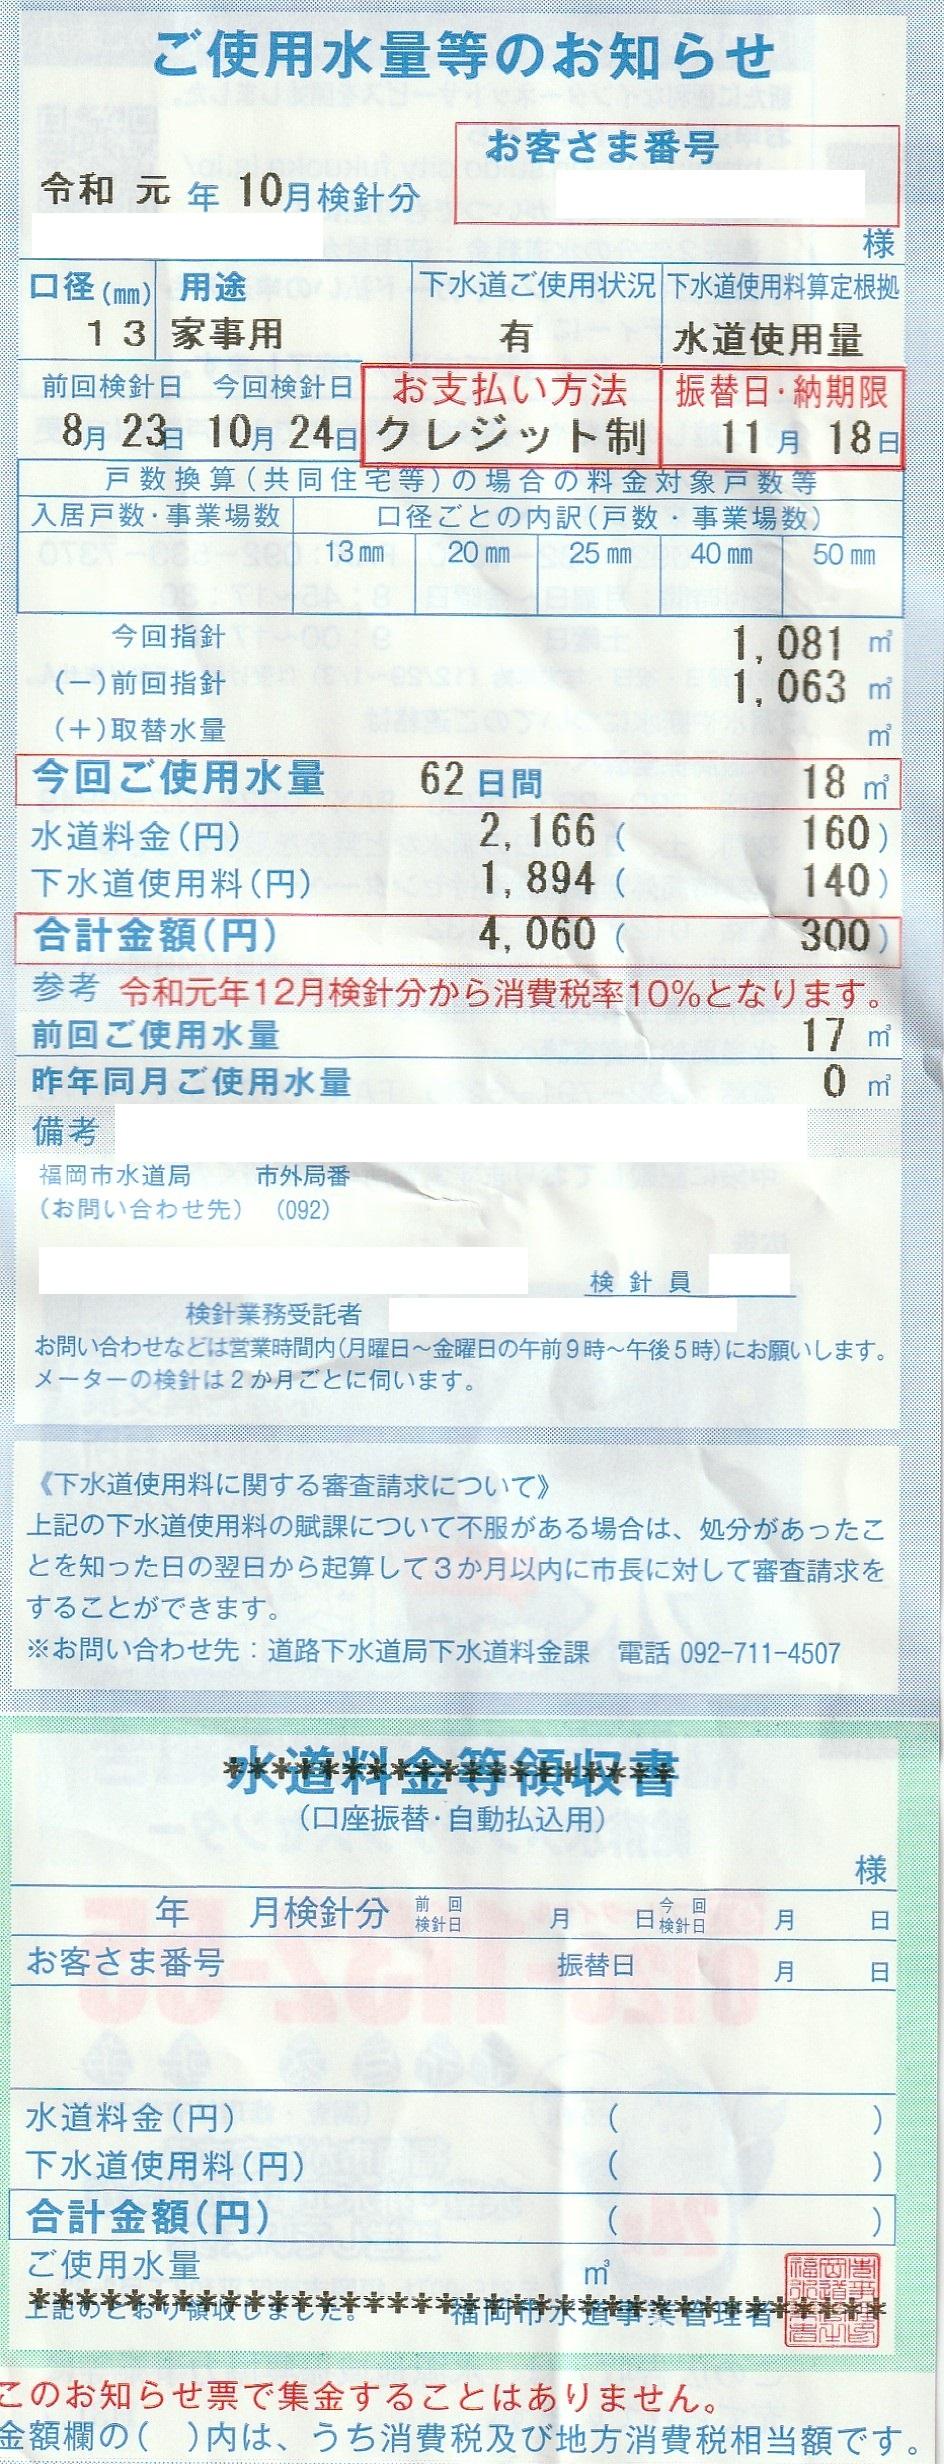 カード クレジット 水道 料金